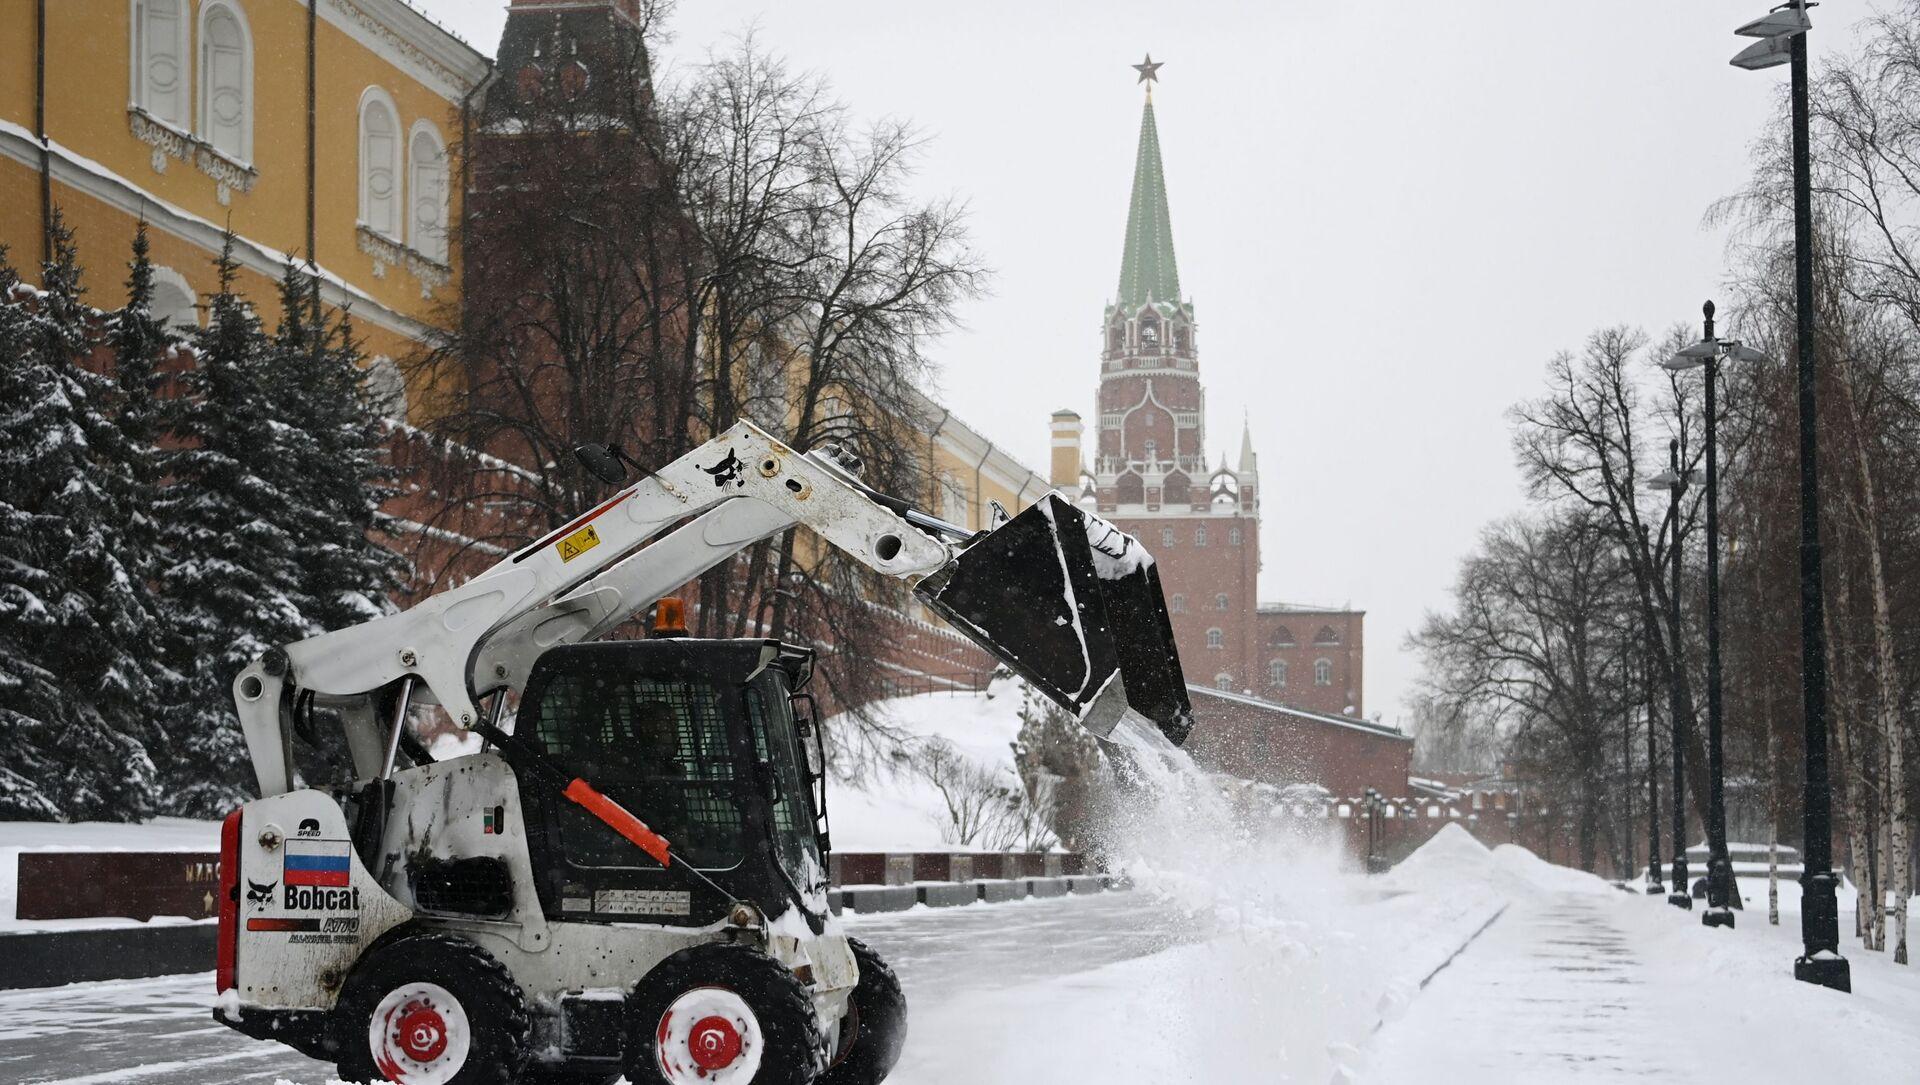 Комуналне службе чисте снег у Москви - Sputnik Србија, 1920, 12.02.2021